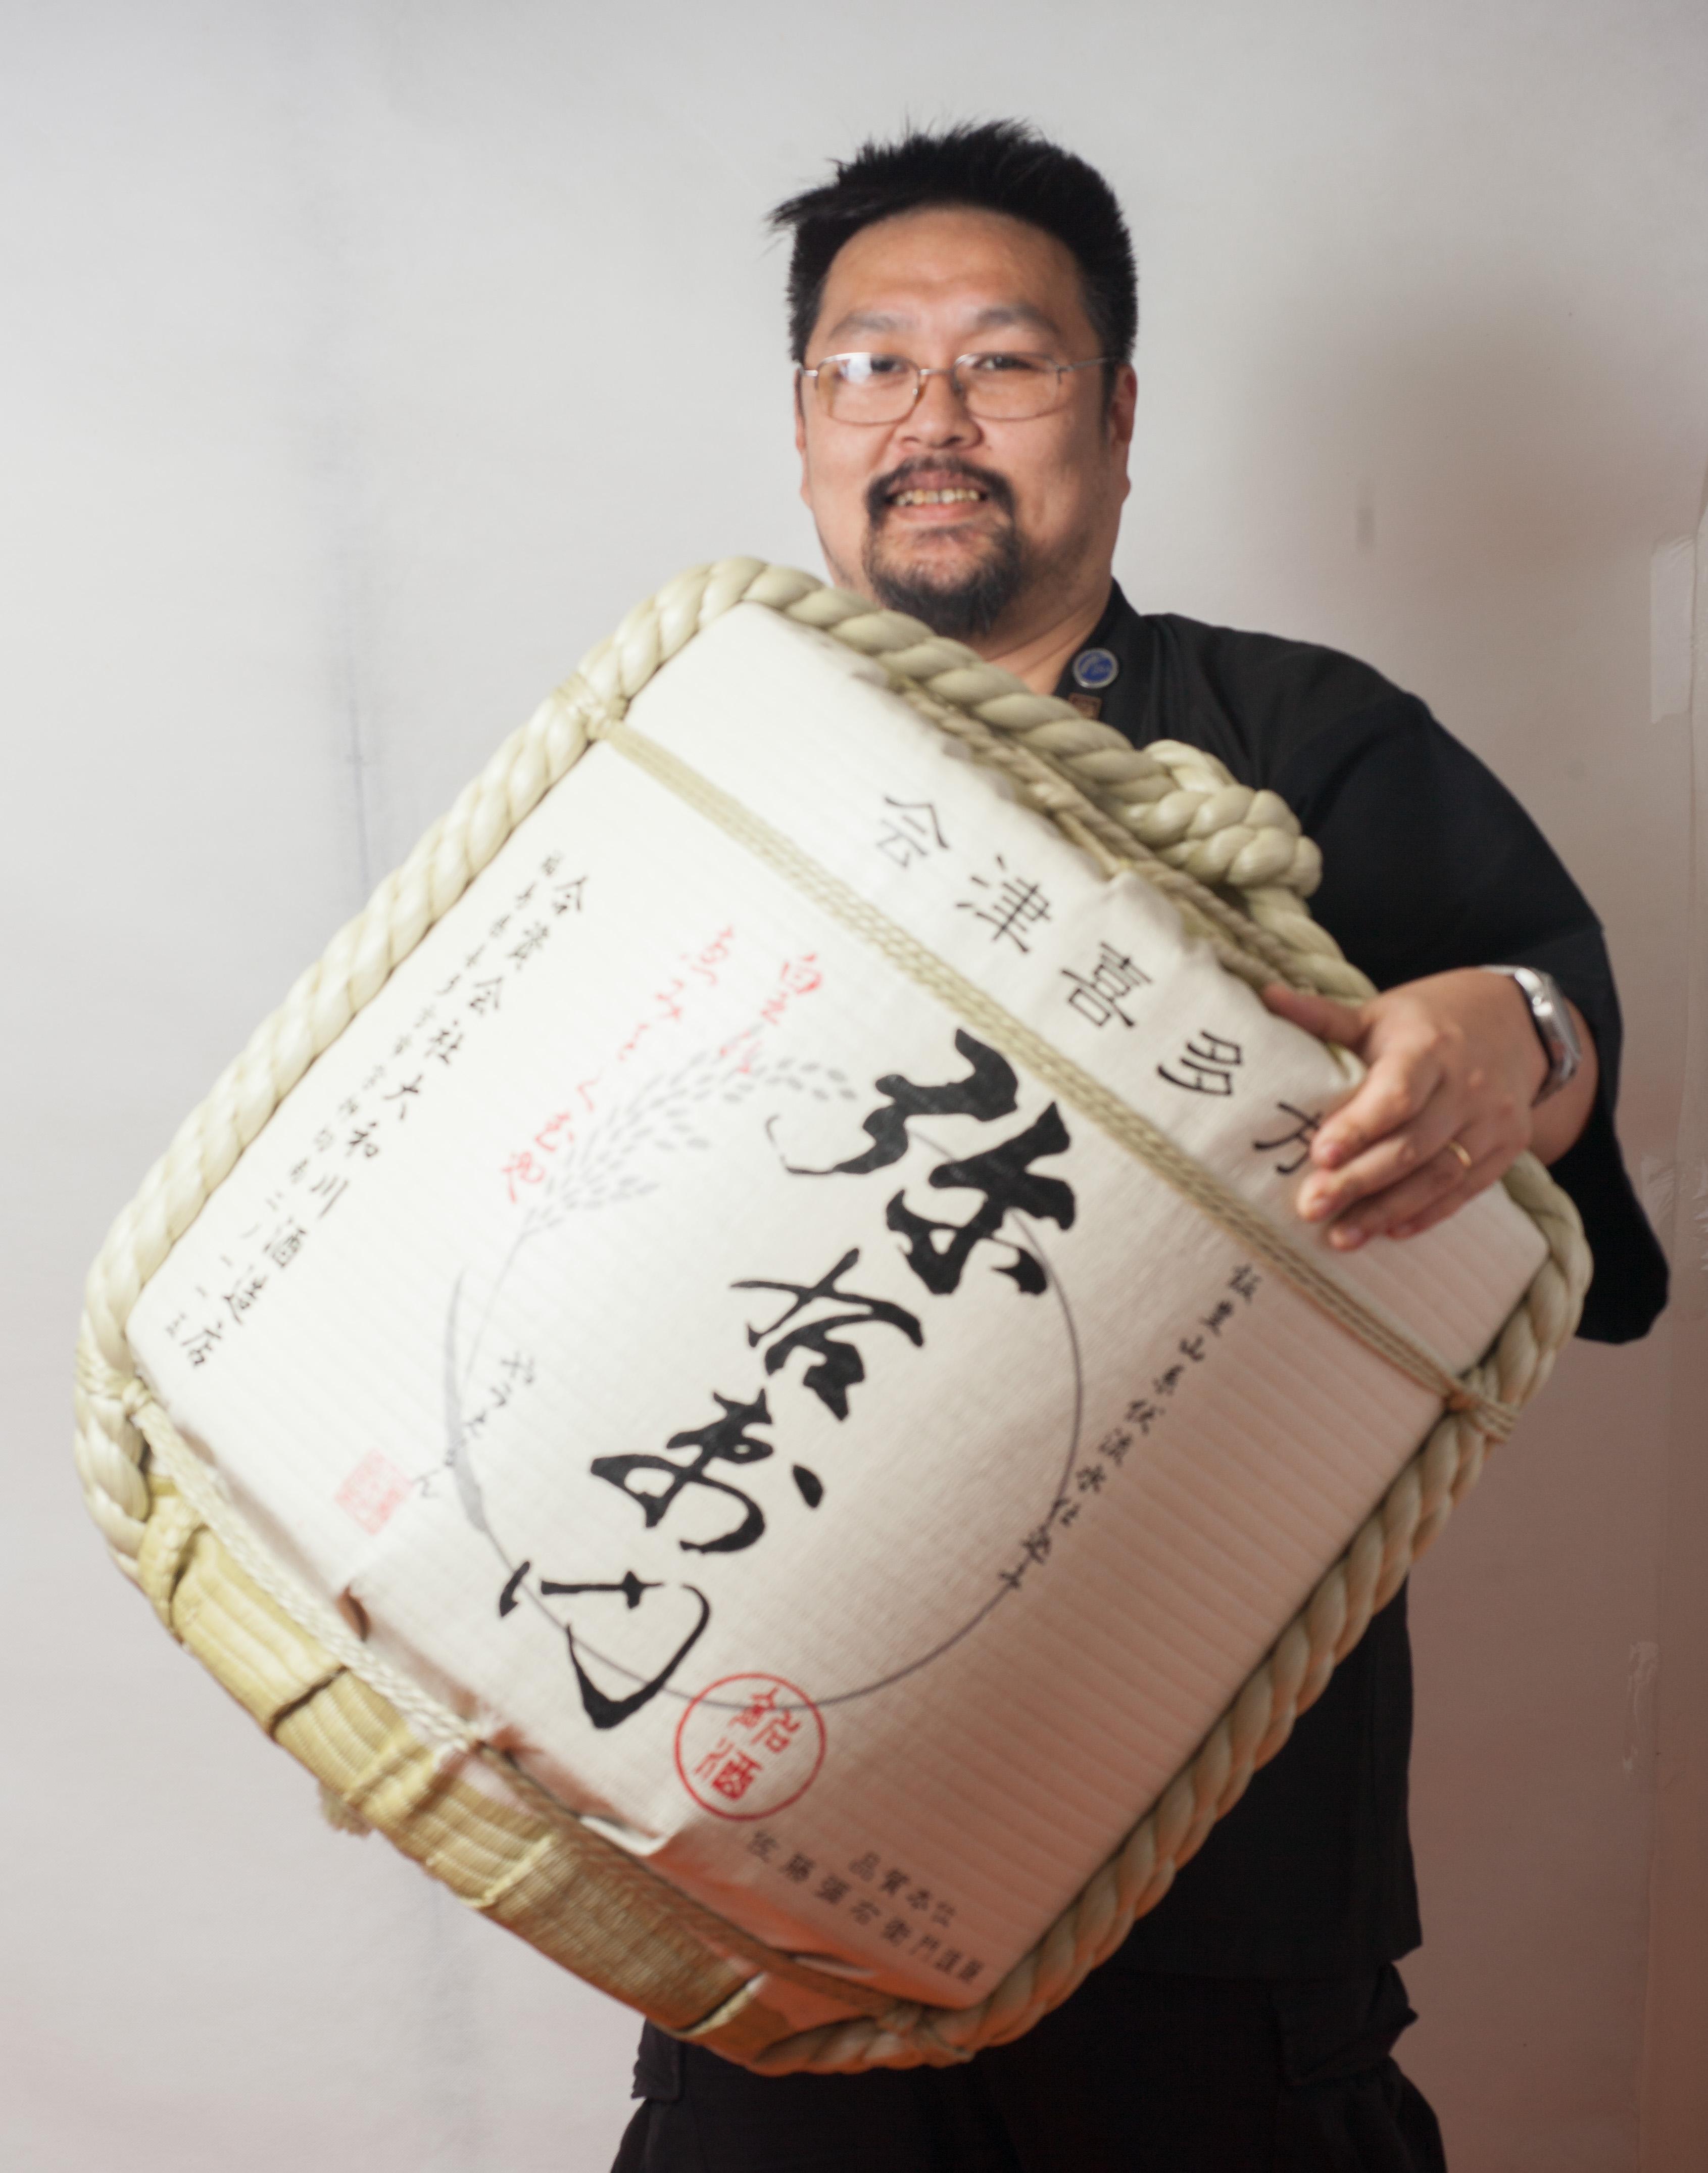 Alexandre Tatsuya Iida